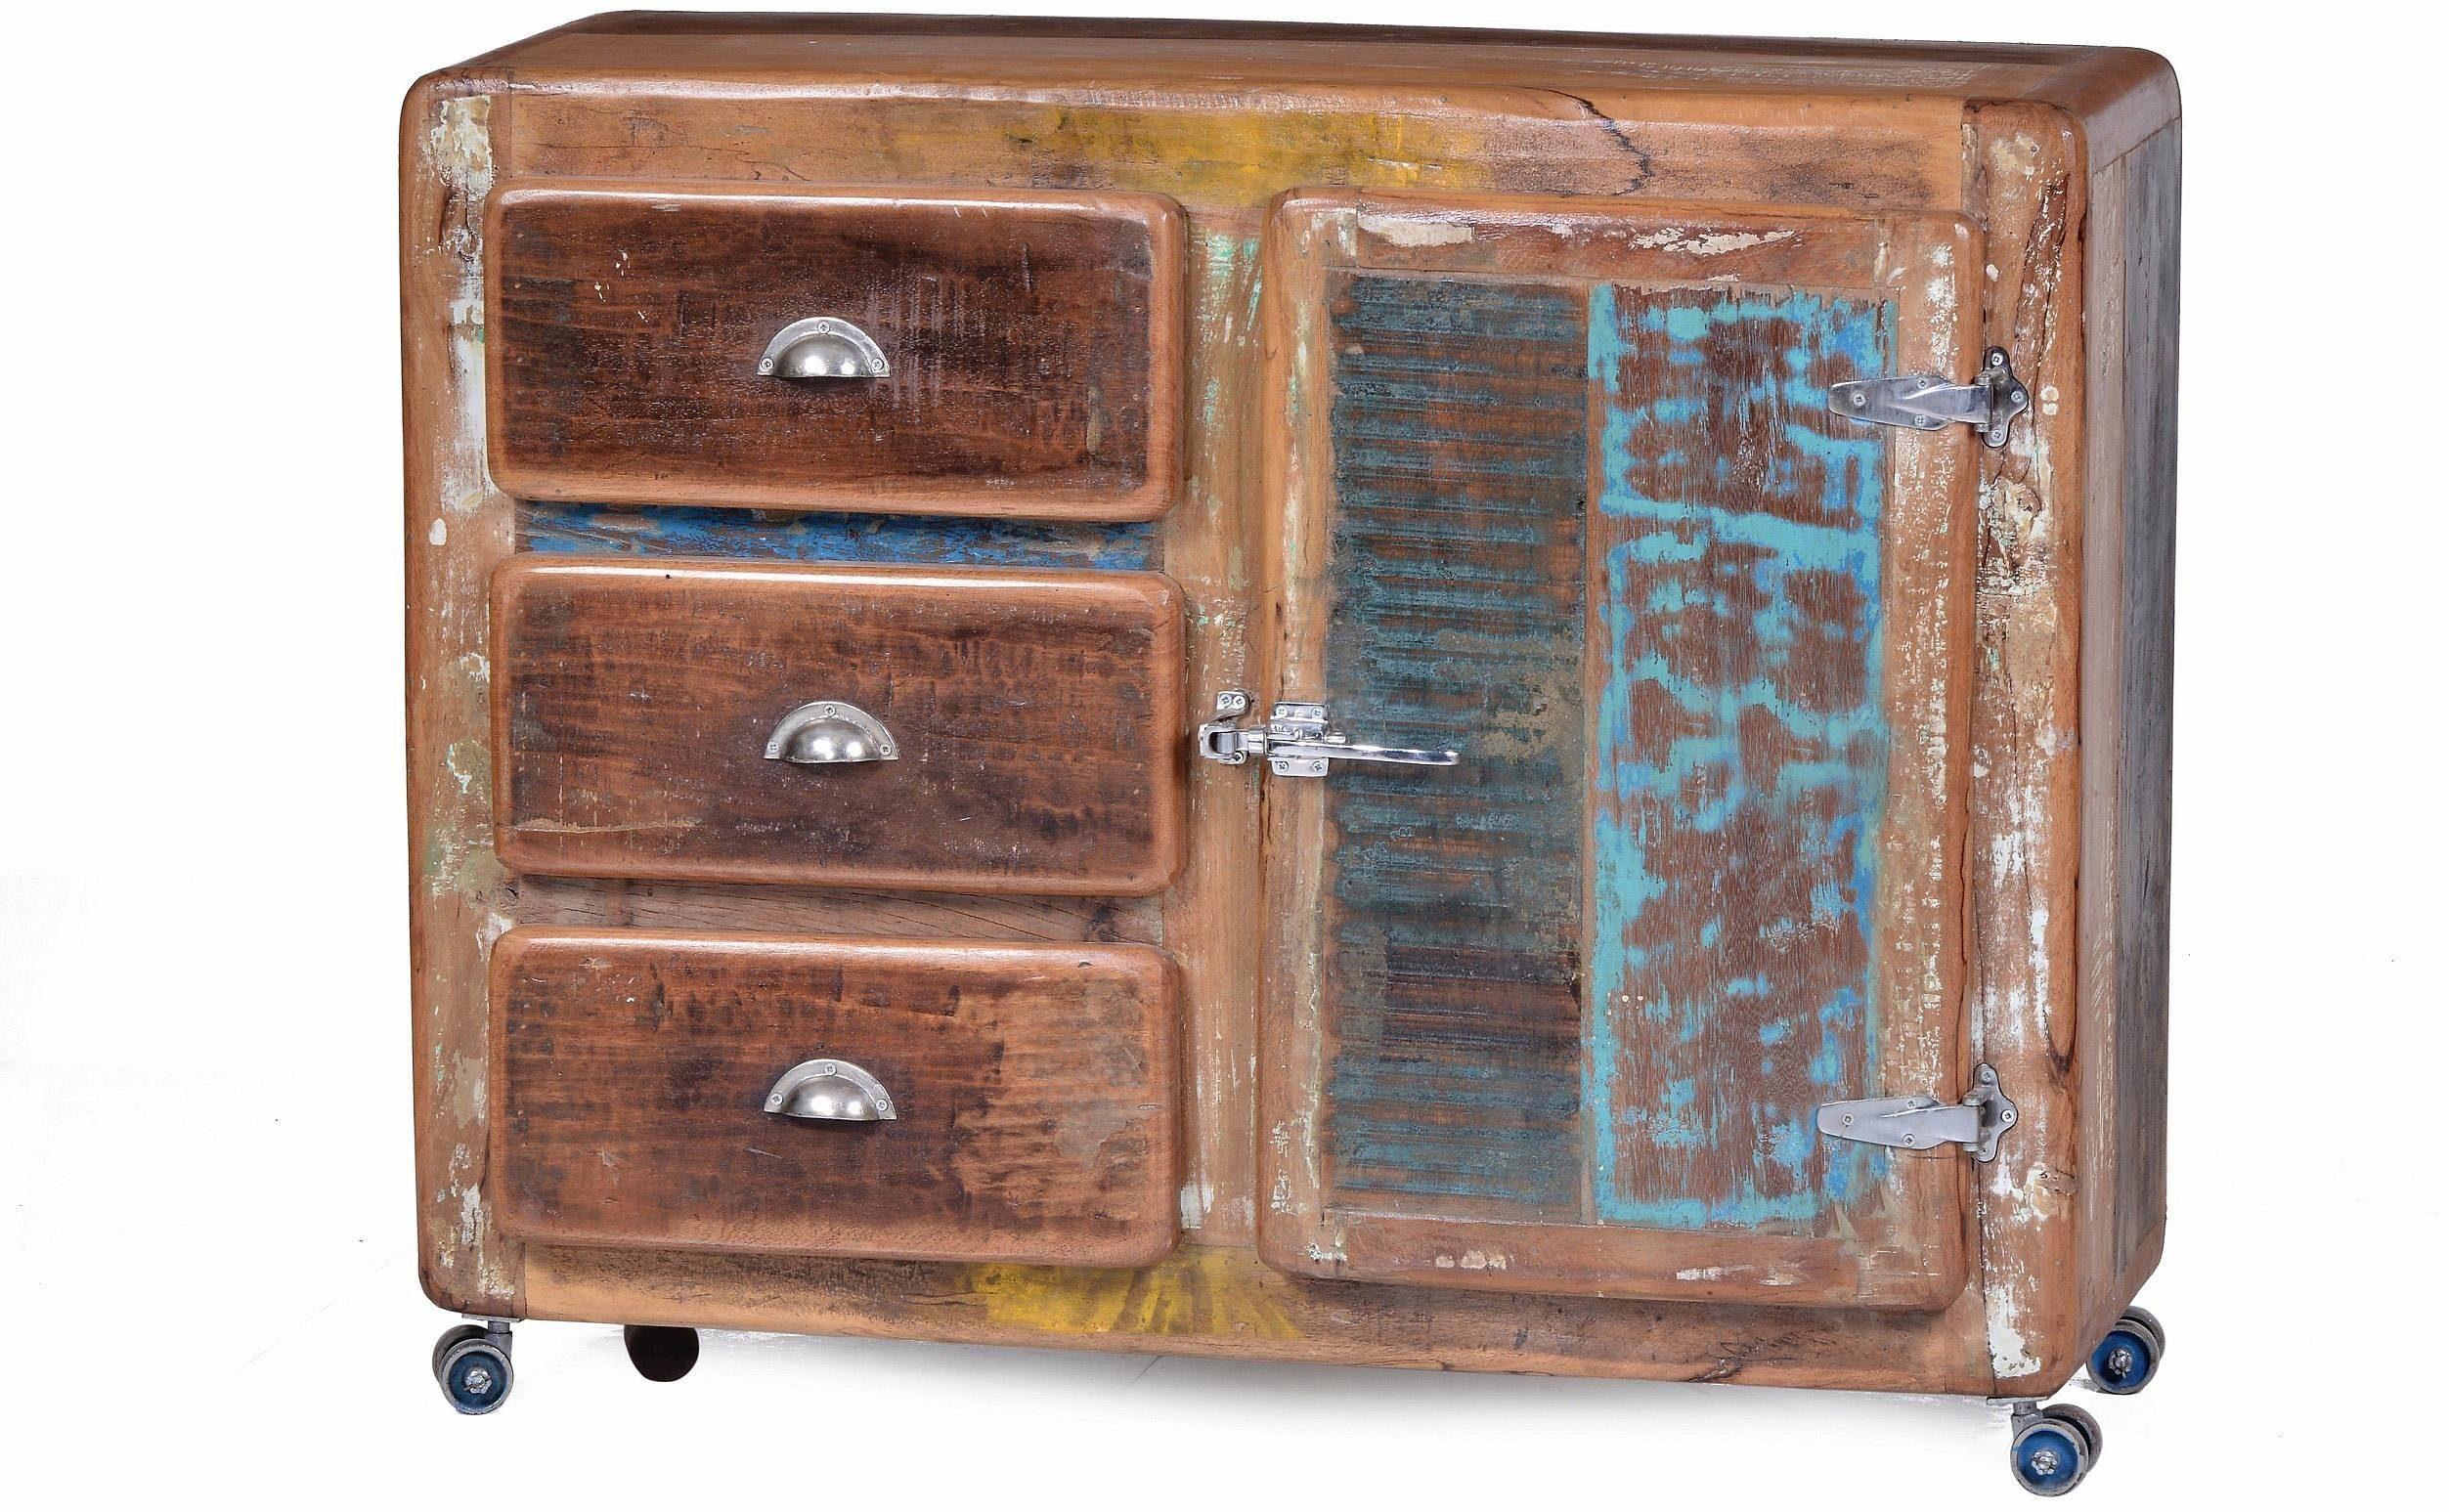 Bosch Kühlschrank Griff : Sit kommode fridge« breite cm mit kühlschrankgriff online